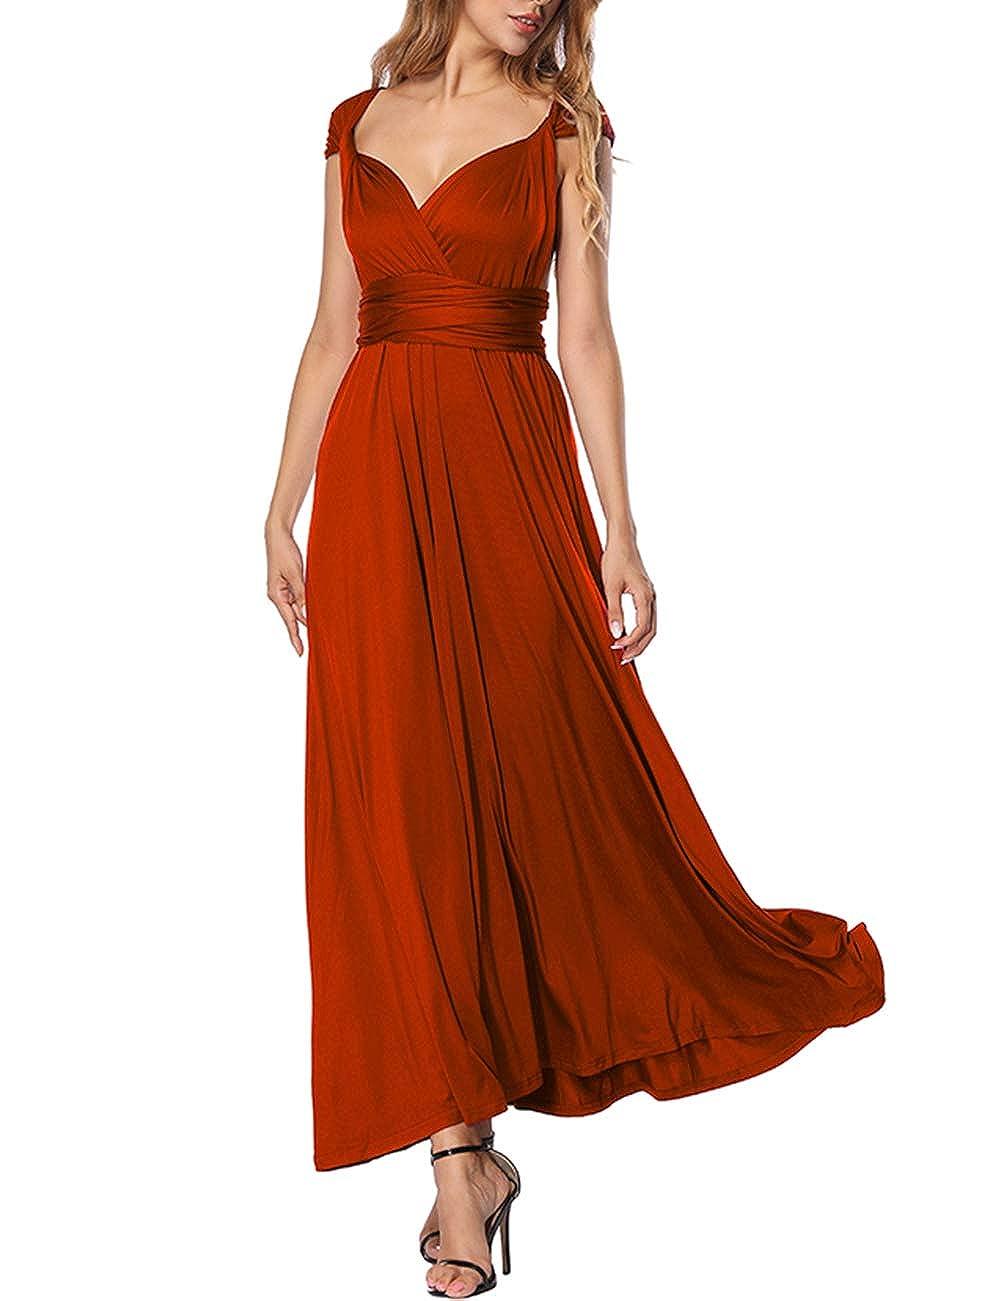 TALLA M(ES 40-44). FeelinGirl Mujer Vestido de Noche Longitud Máxima Falda Fiesta Cóctel Tirantes Convertibles Multi-Manera Rojo M(ES 40-44)